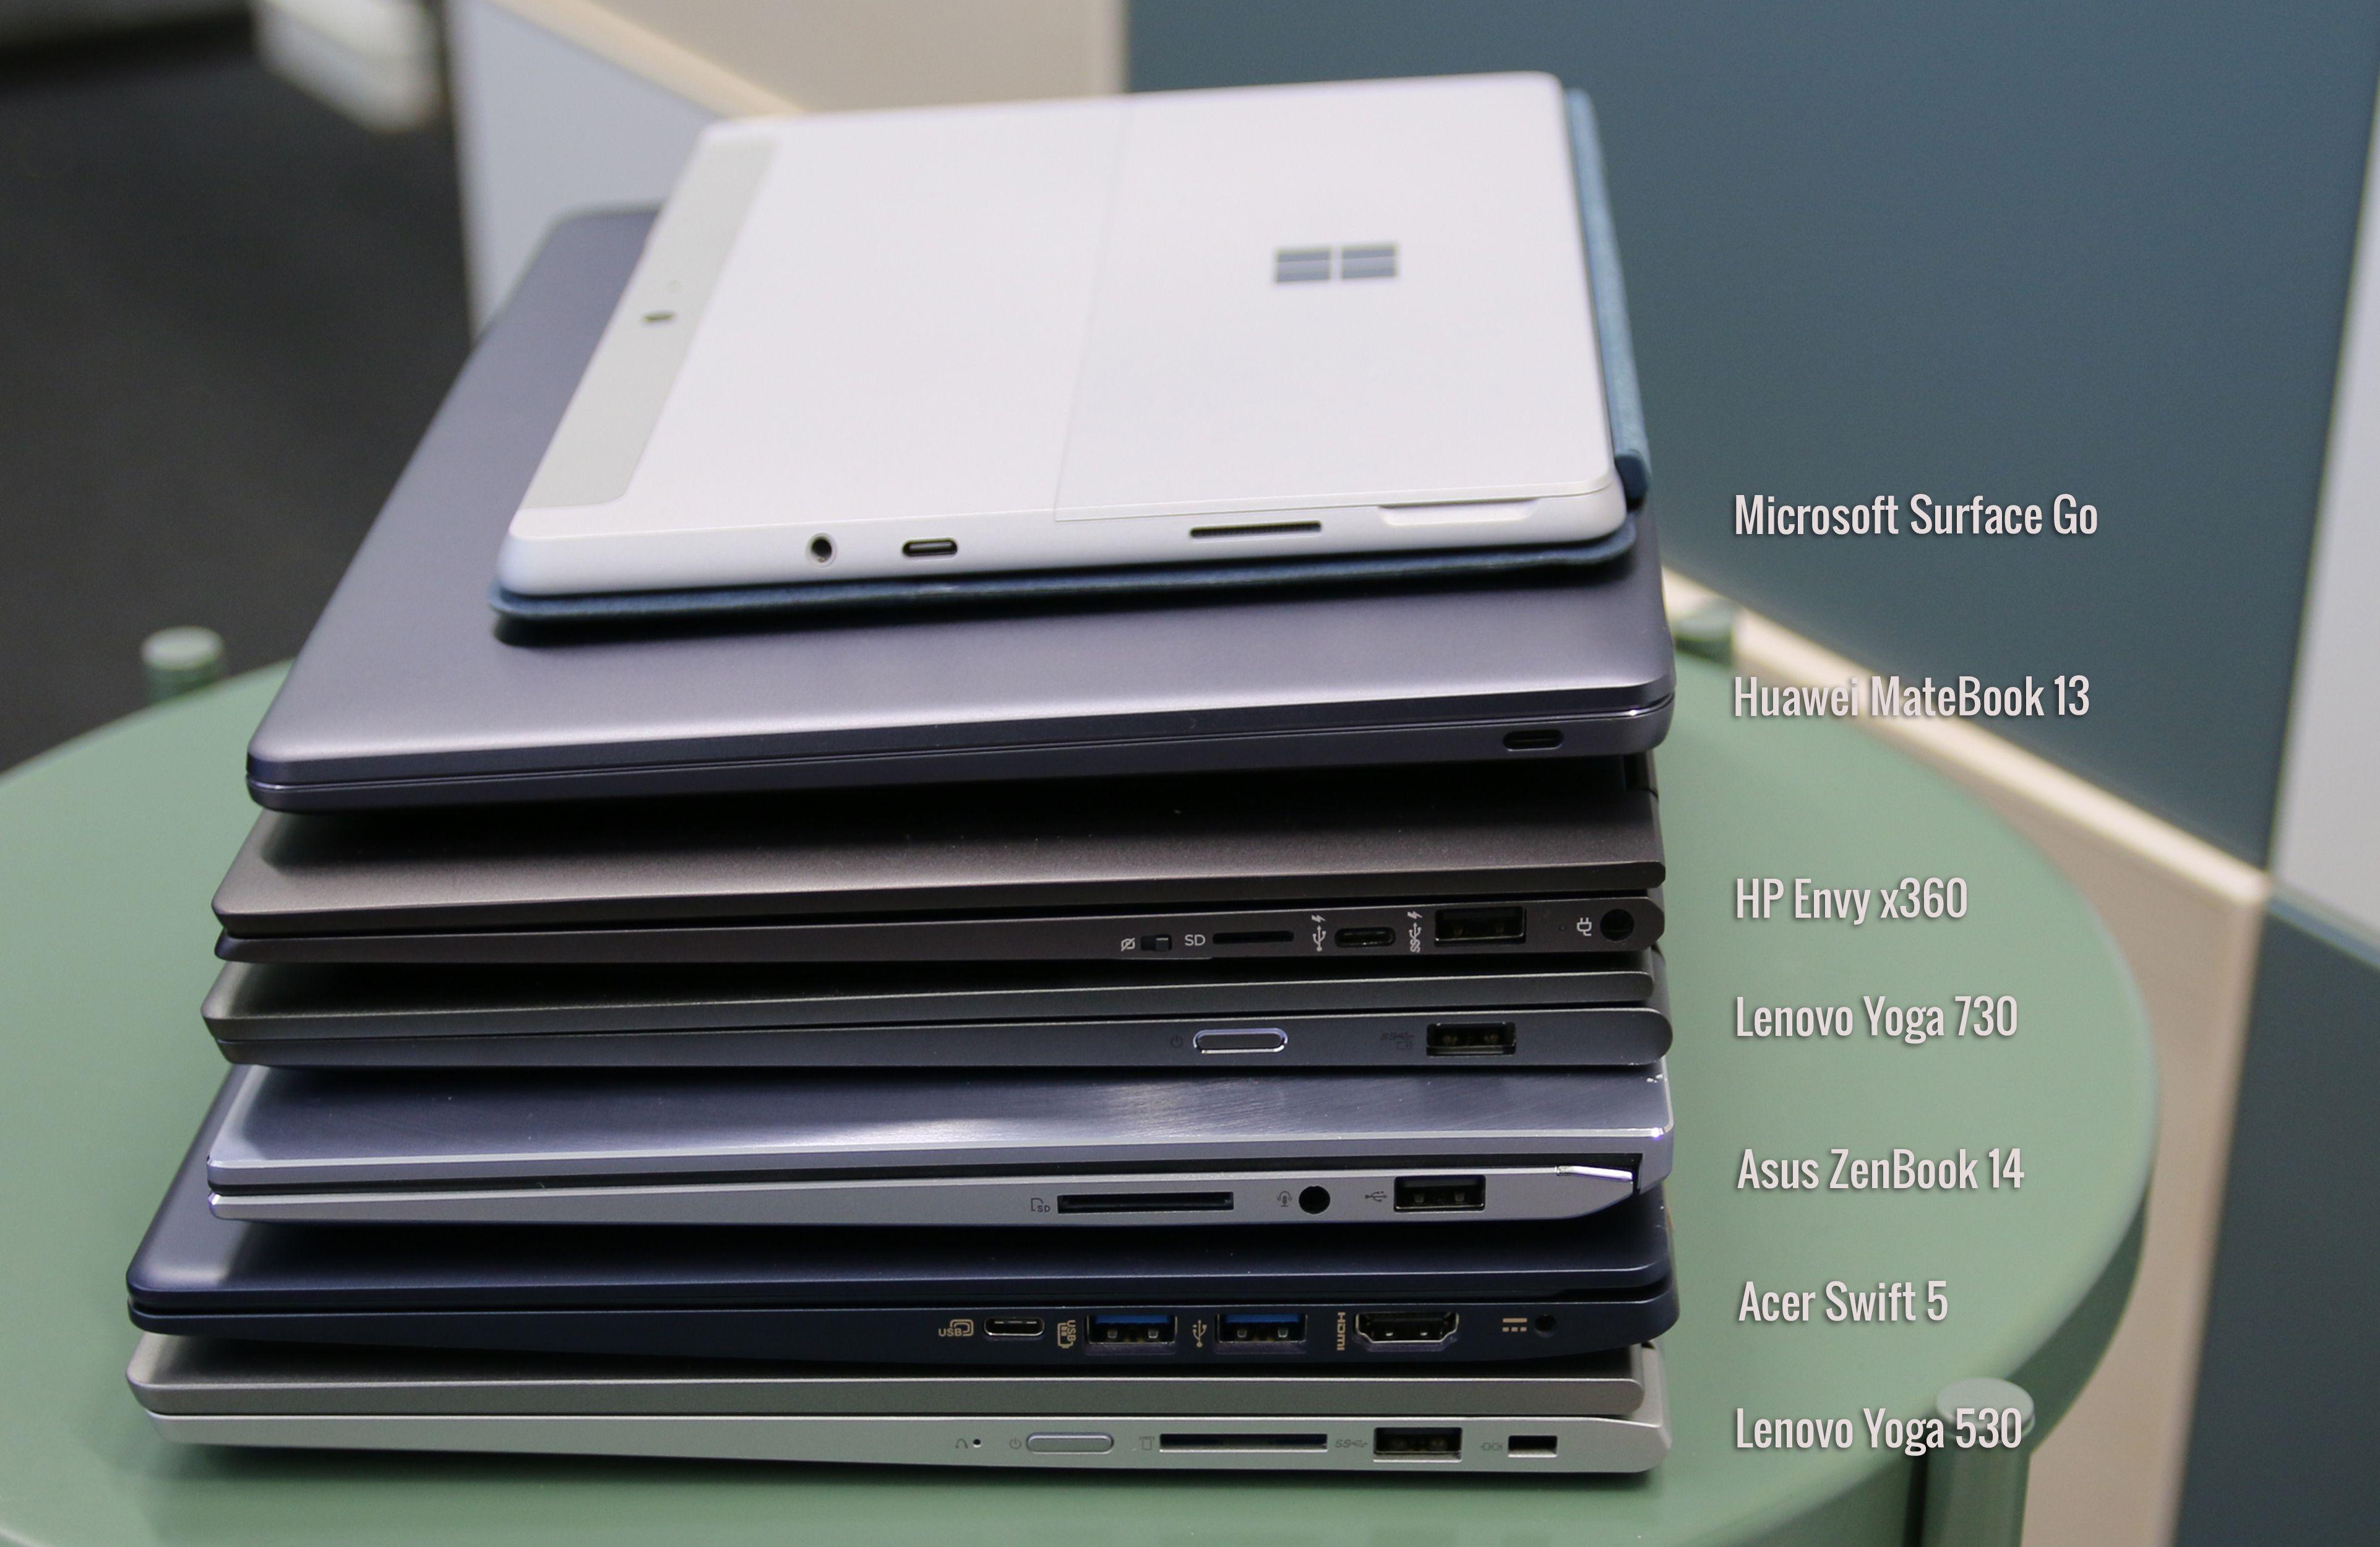 Huaweis MateBook er den minste av de tradisjonelle bærbare i testen, med HP Envy x360 og Lenovo Yoga 730 like bak.